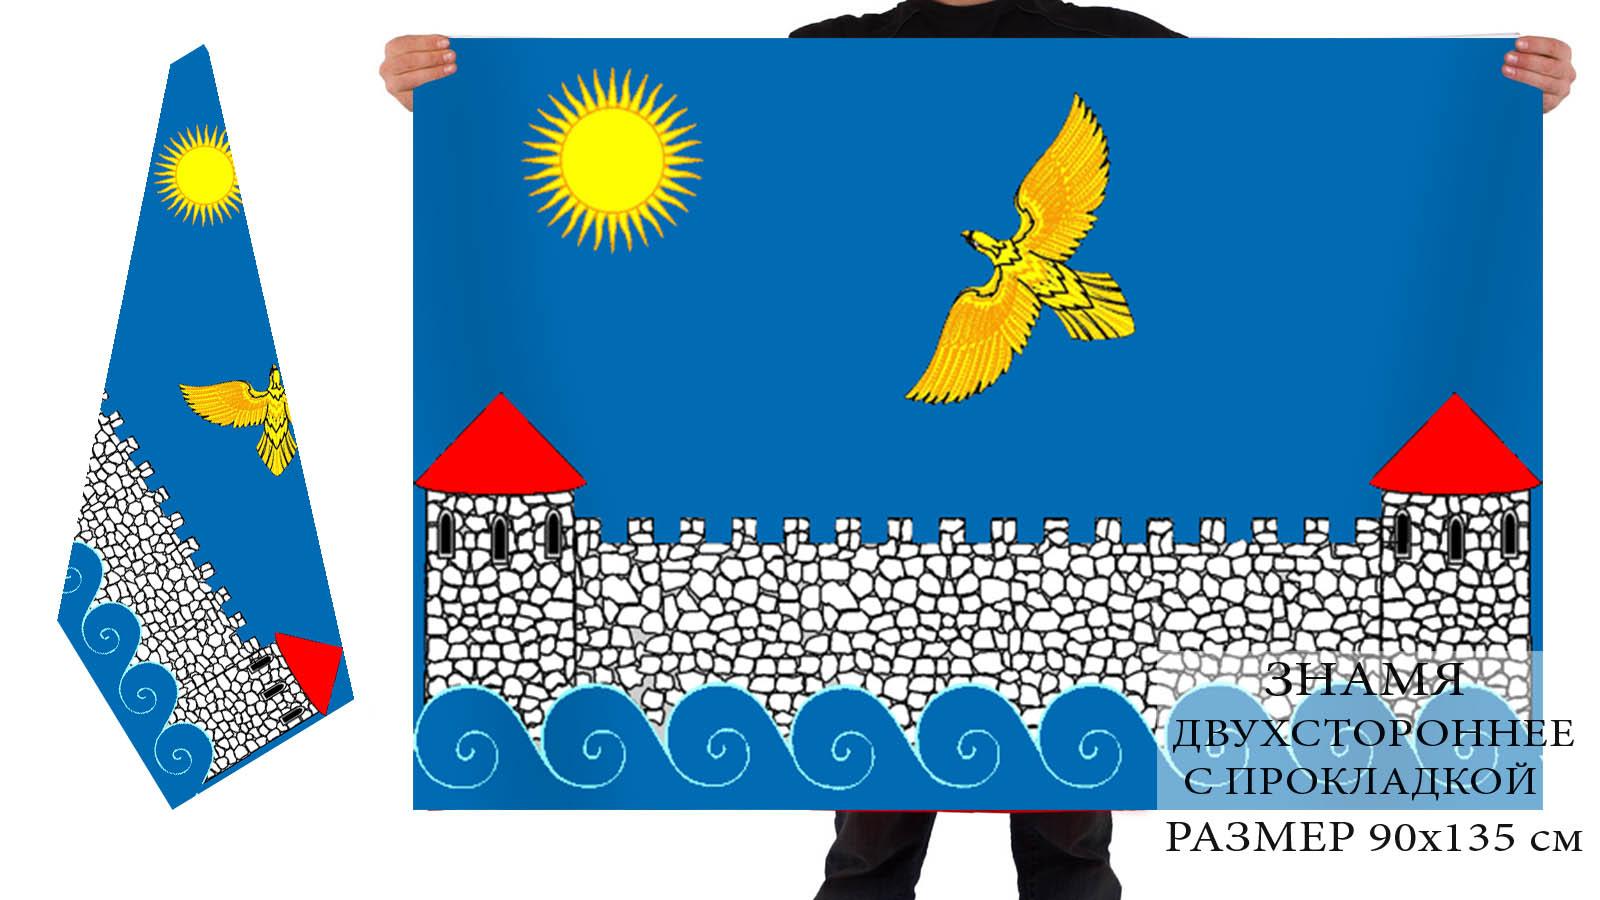 Двусторонний флаг Кингисеппского района